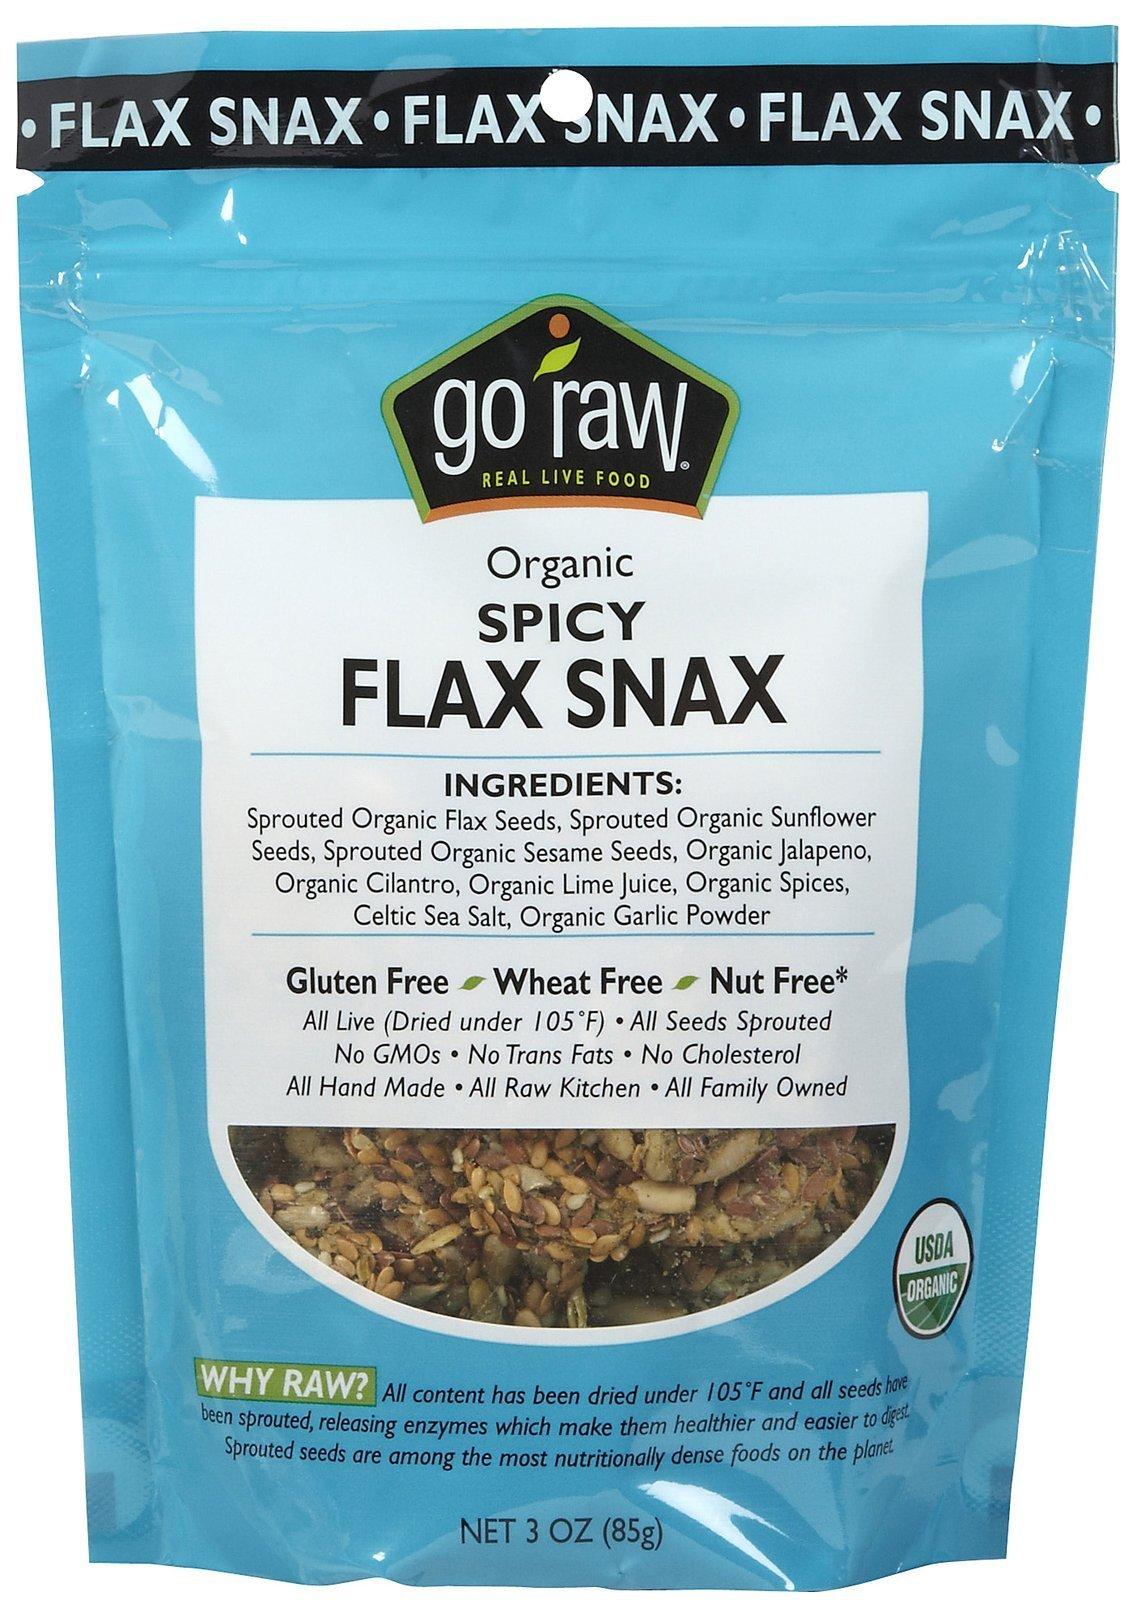 Go Raw Freeland Flax Snax, Spicy Flax Snax, Bags, 3 oz